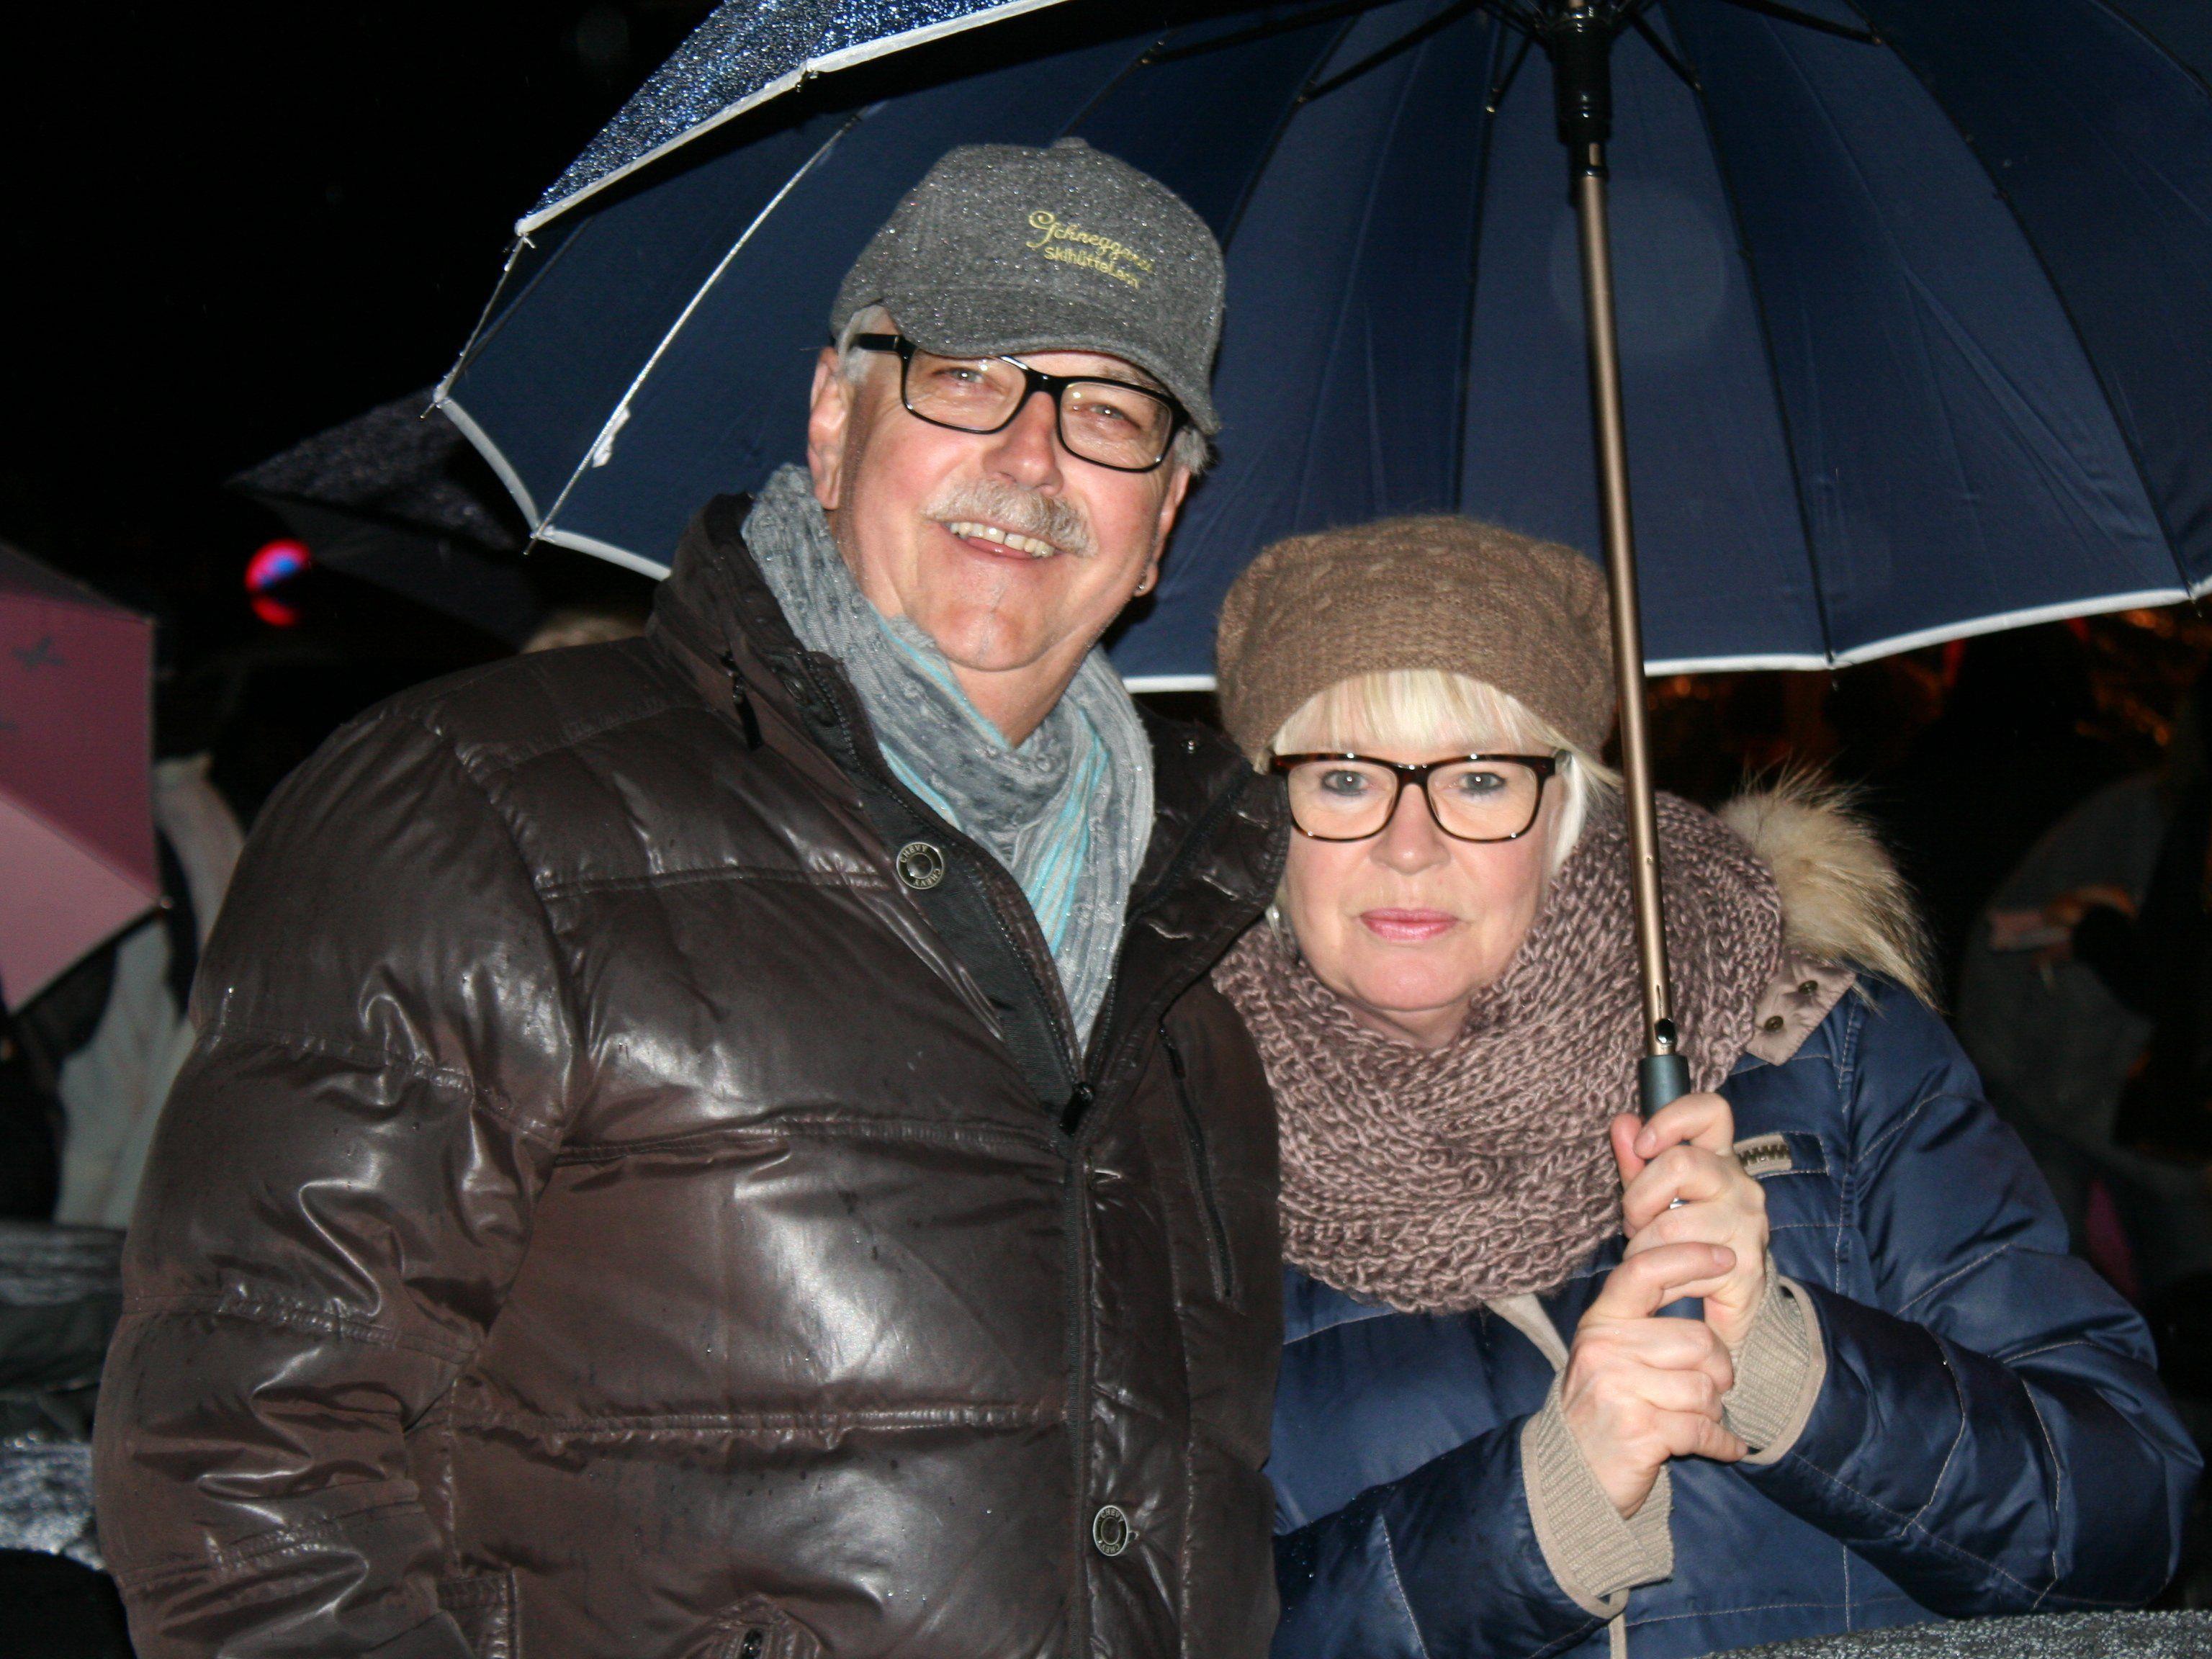 Christian und Monika Walser beim Funken in Bregenz